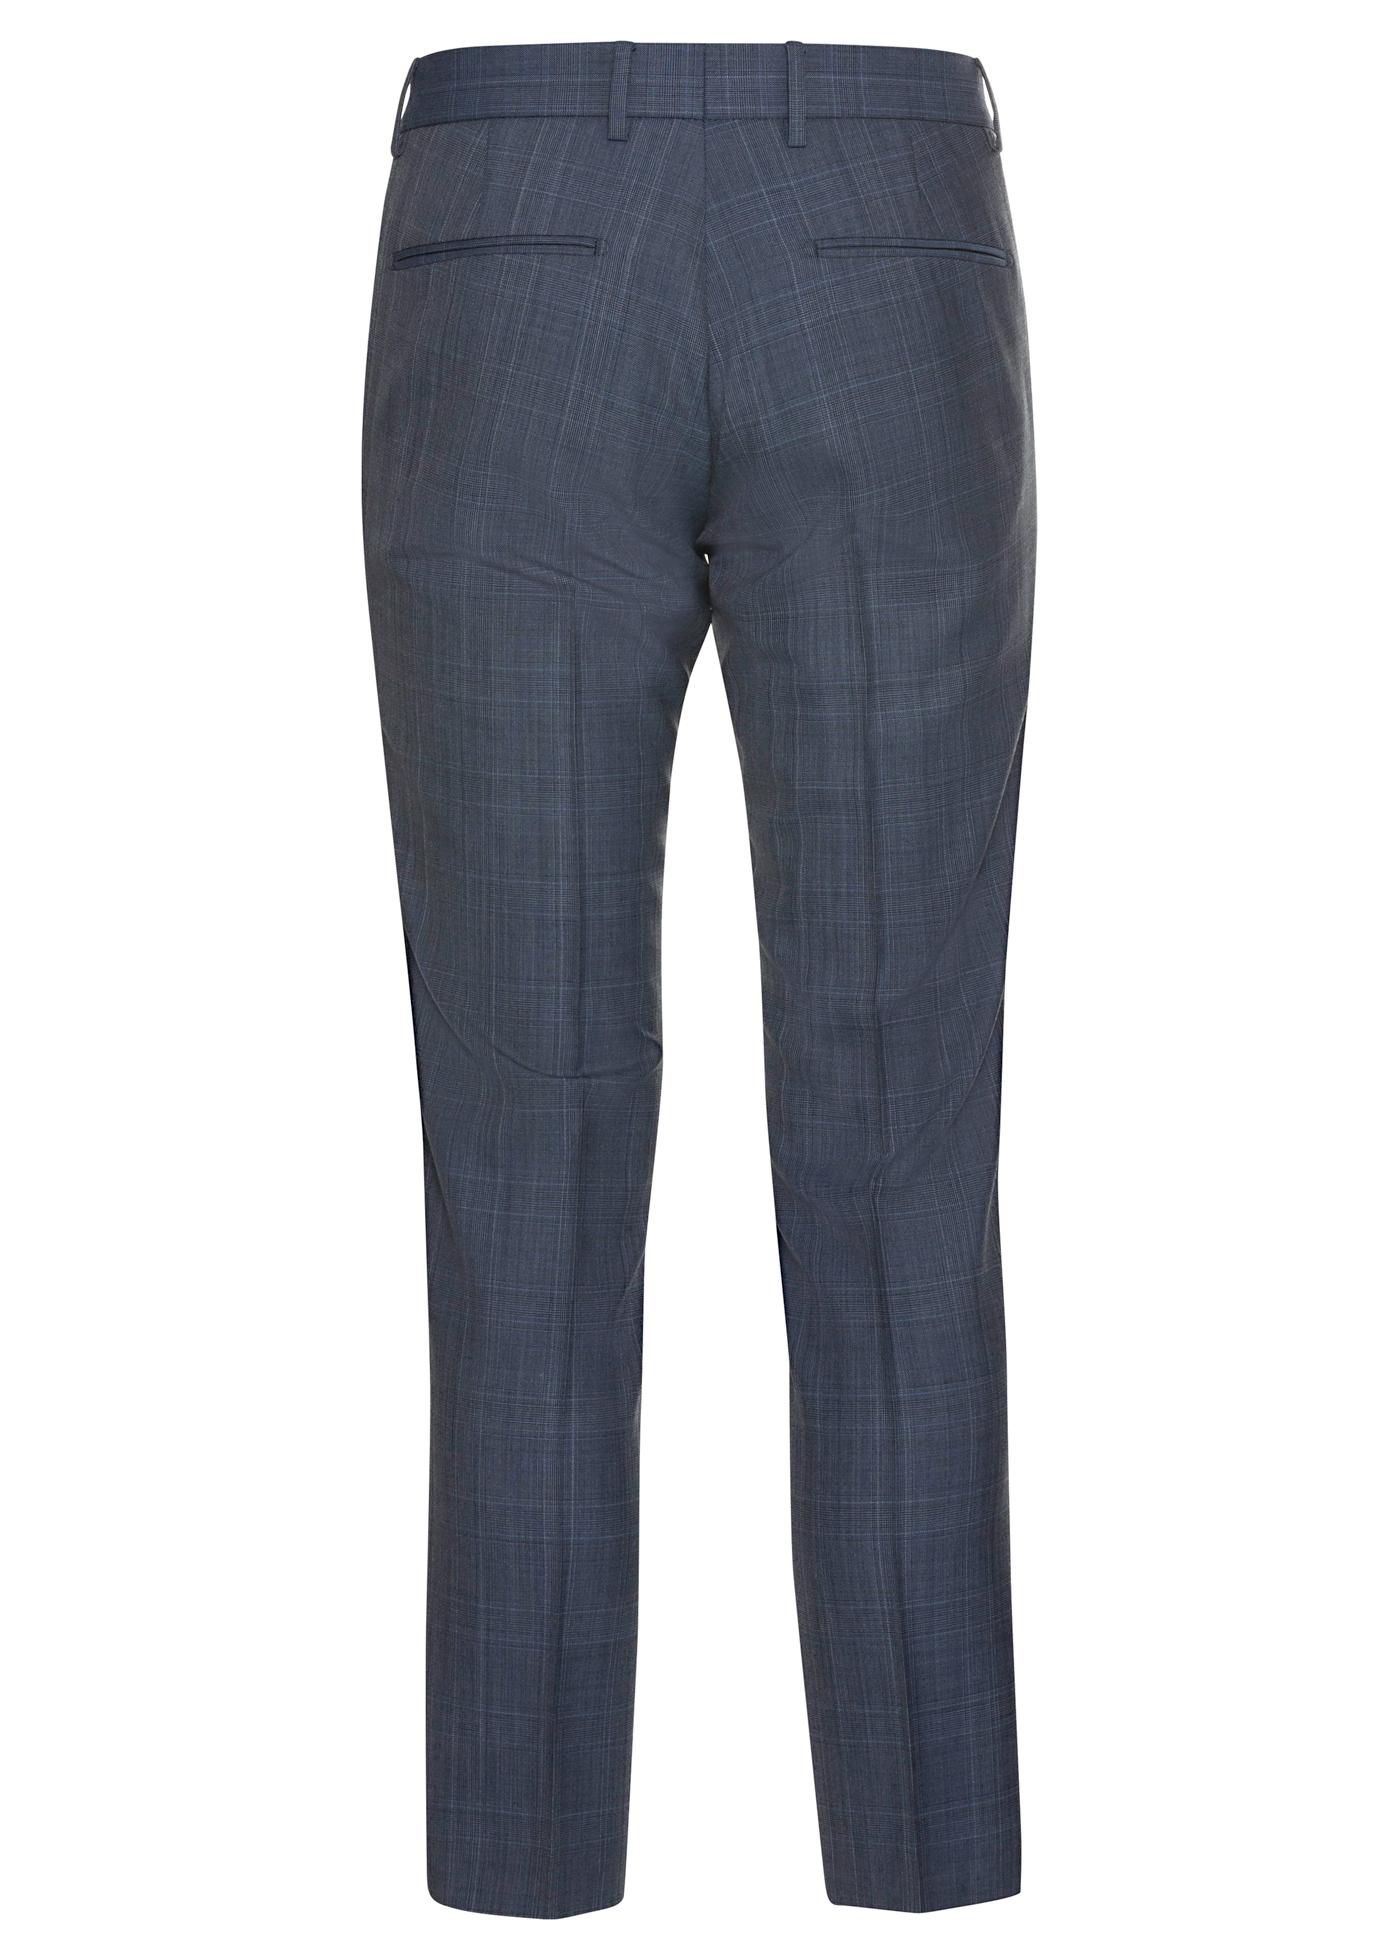 TORD. Pants male 2AF 54 image number 1